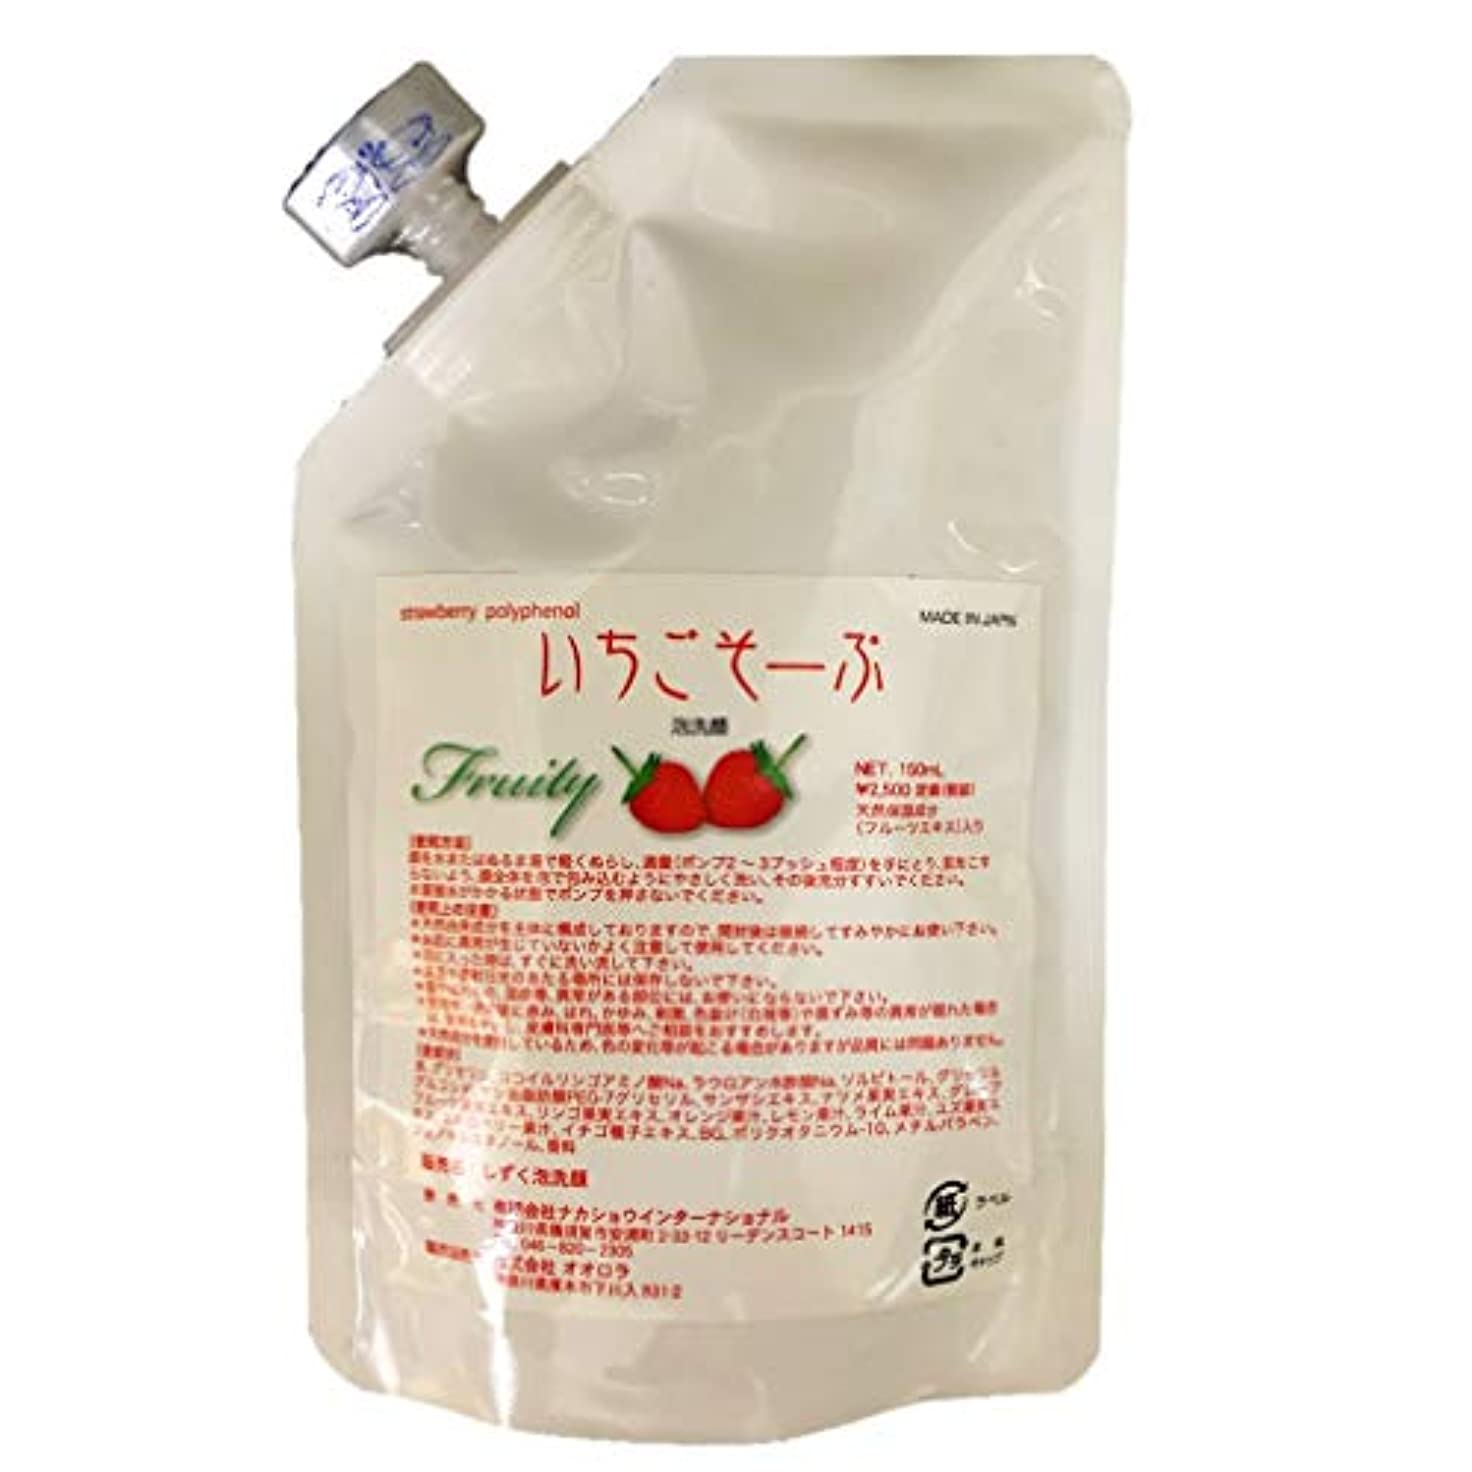 勉強する繰り返した広げるいちごそーぷ 泡洗顔料 150mL詰替えパウチ 超保湿を優しいフルーツで